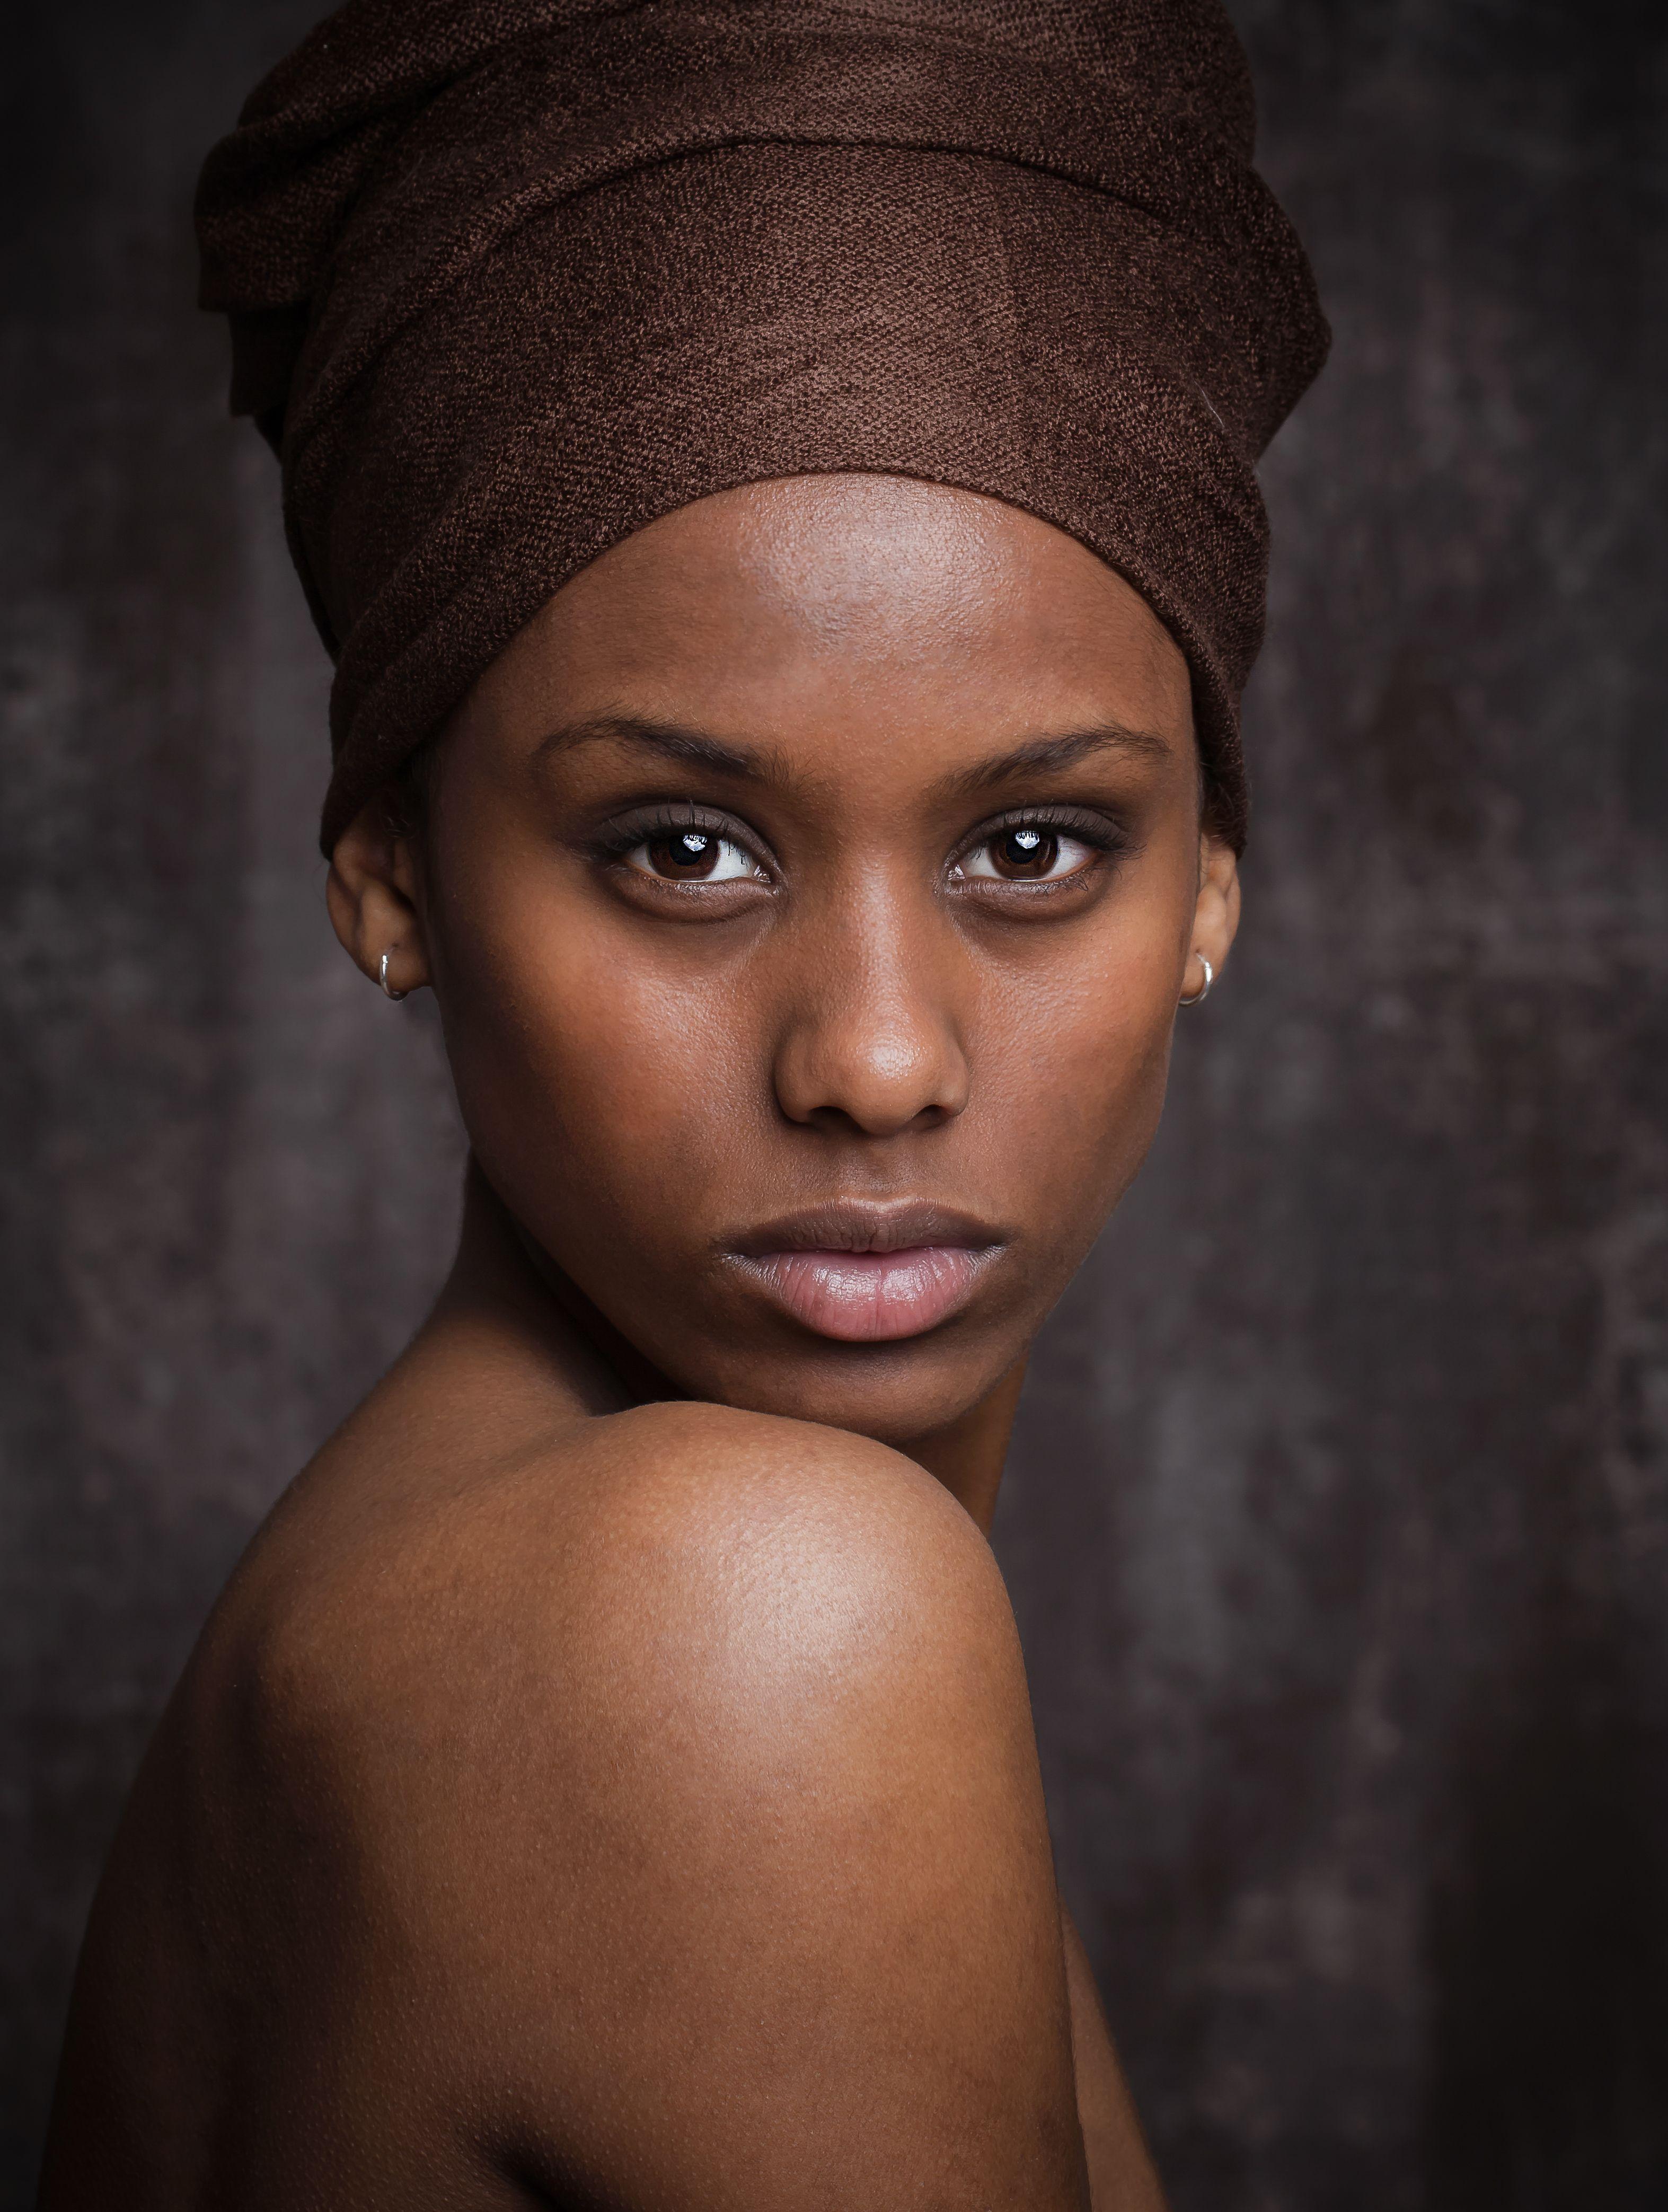 Gratis ibenholt sorte kvinder